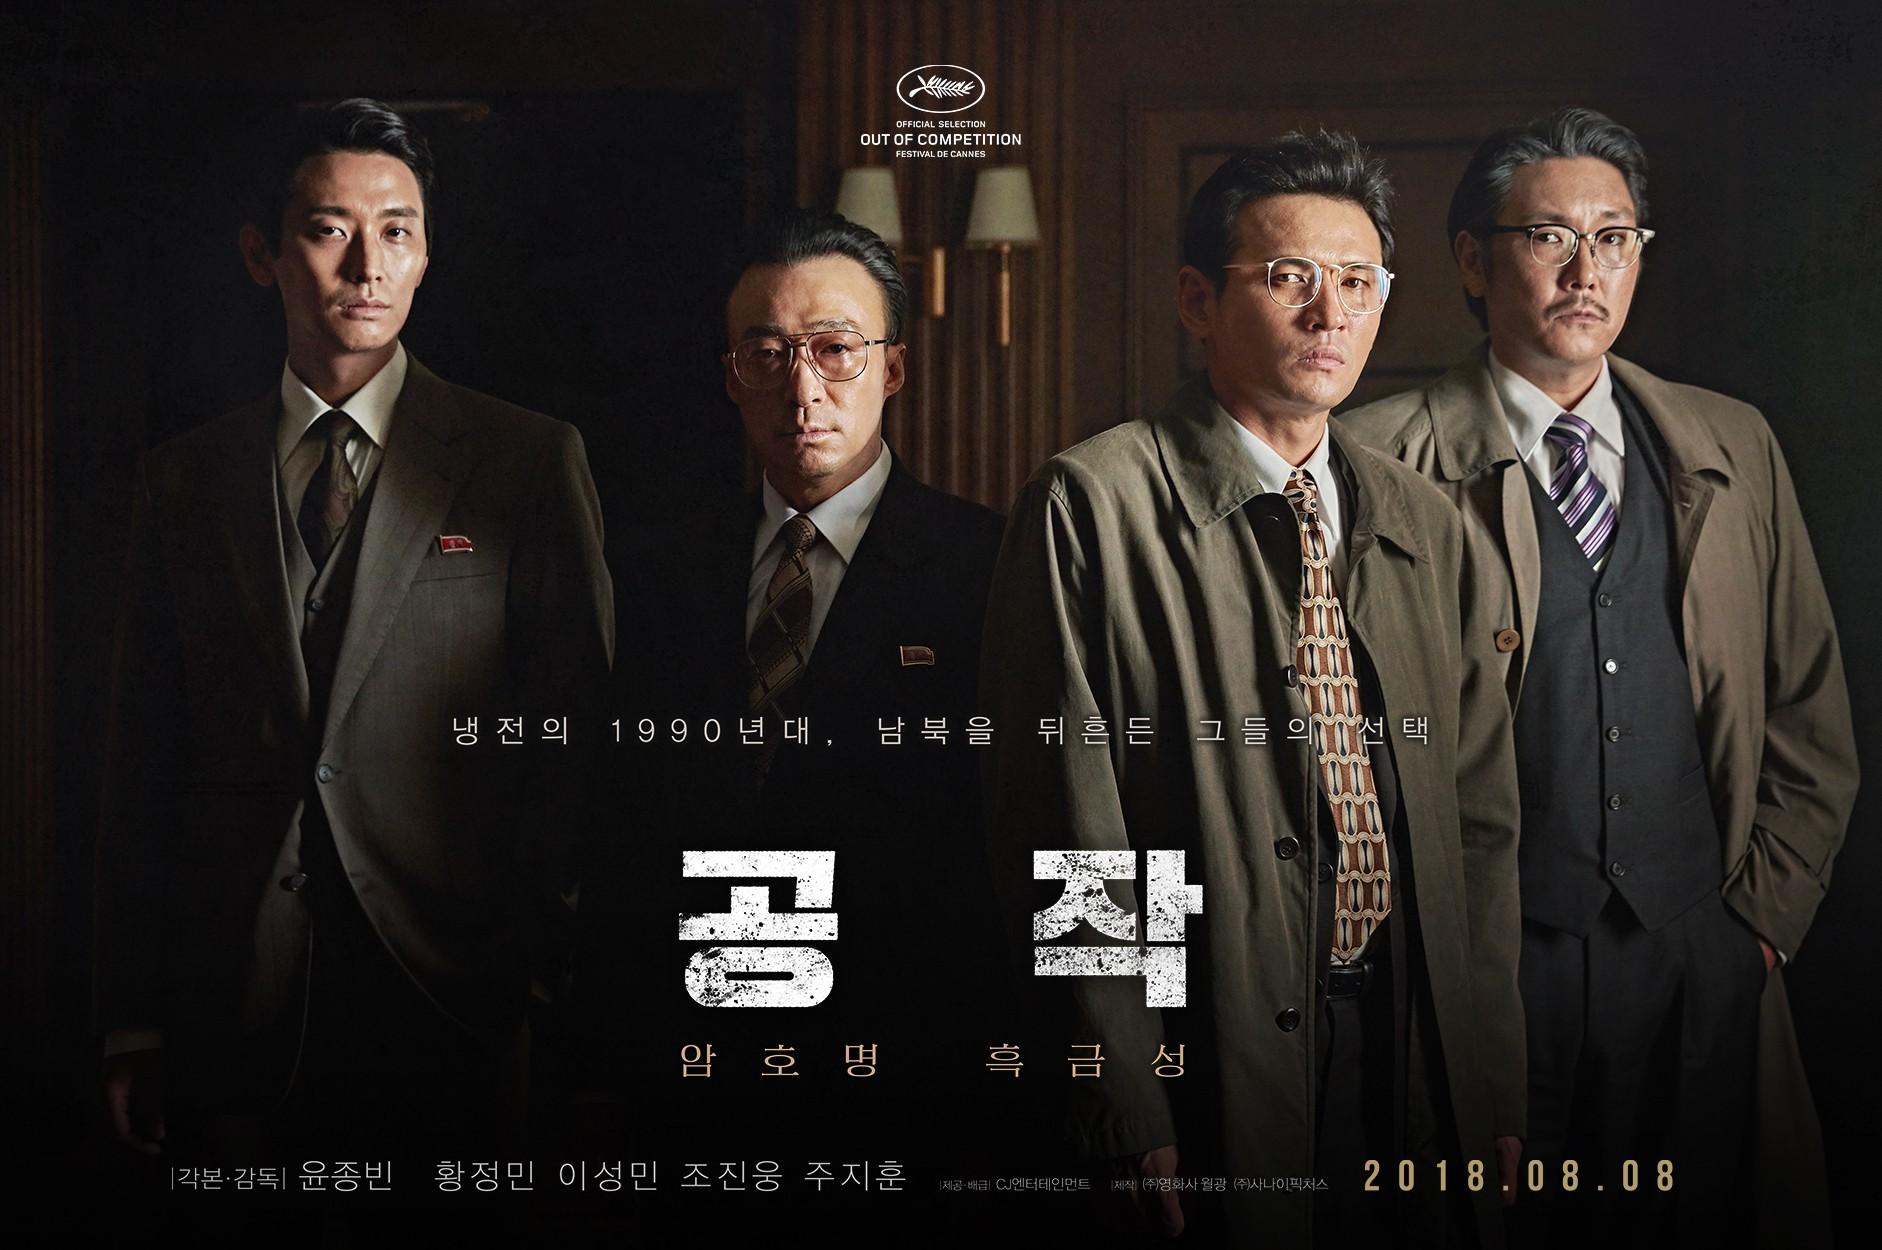 Gần 10 năm hậu scandal, Thái tử Shin đã trở lại thời hoàng kim đầy ngoạn mục! - Ảnh 9.